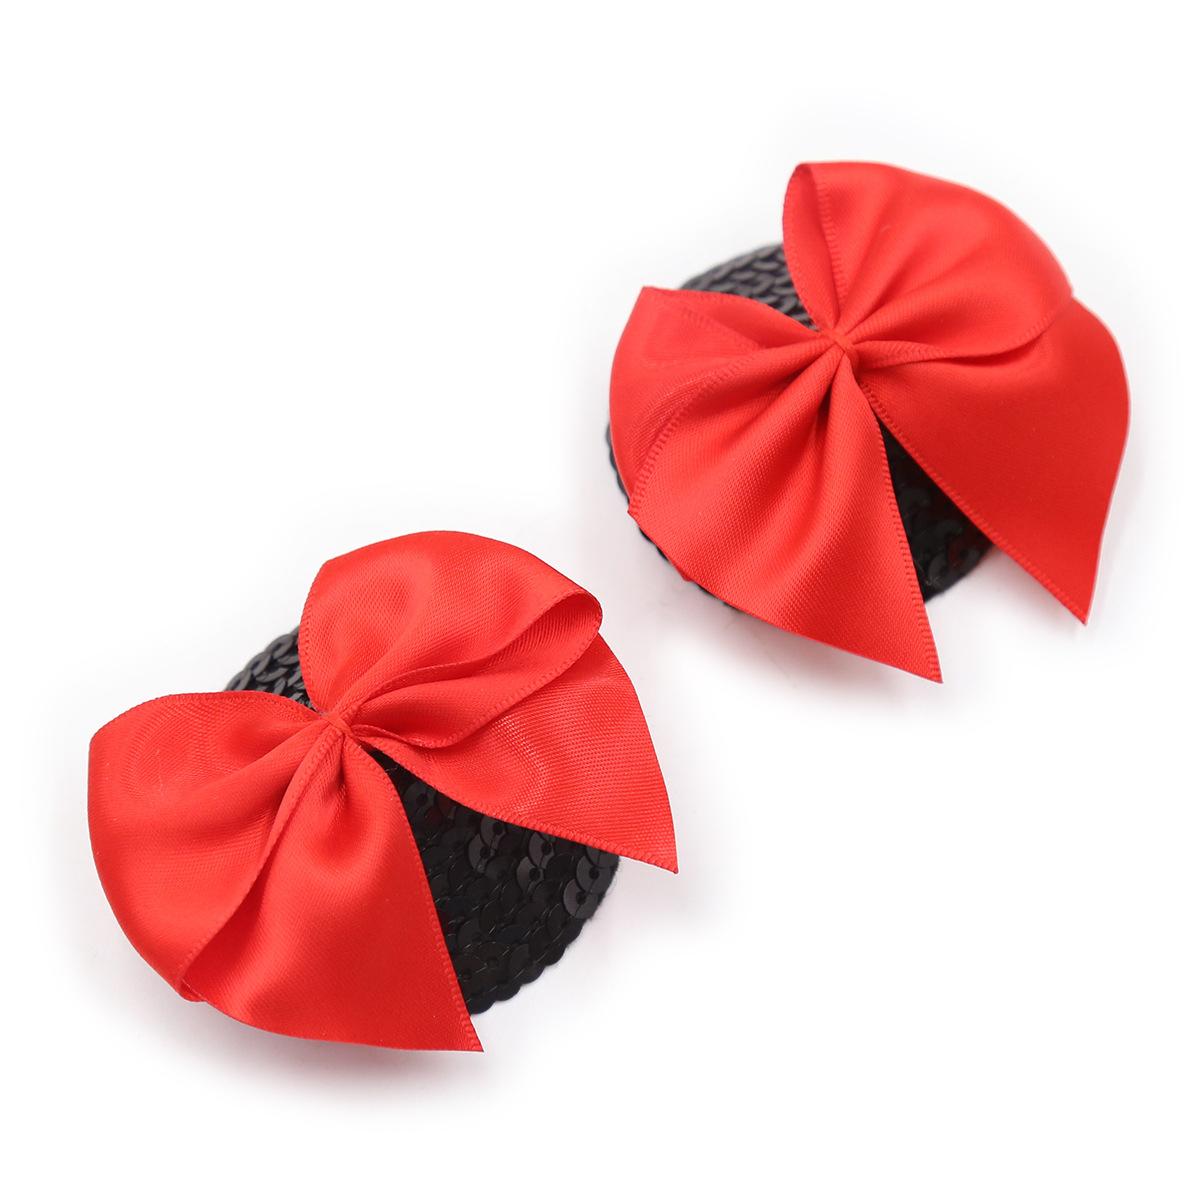 Scales negros de arco rojo